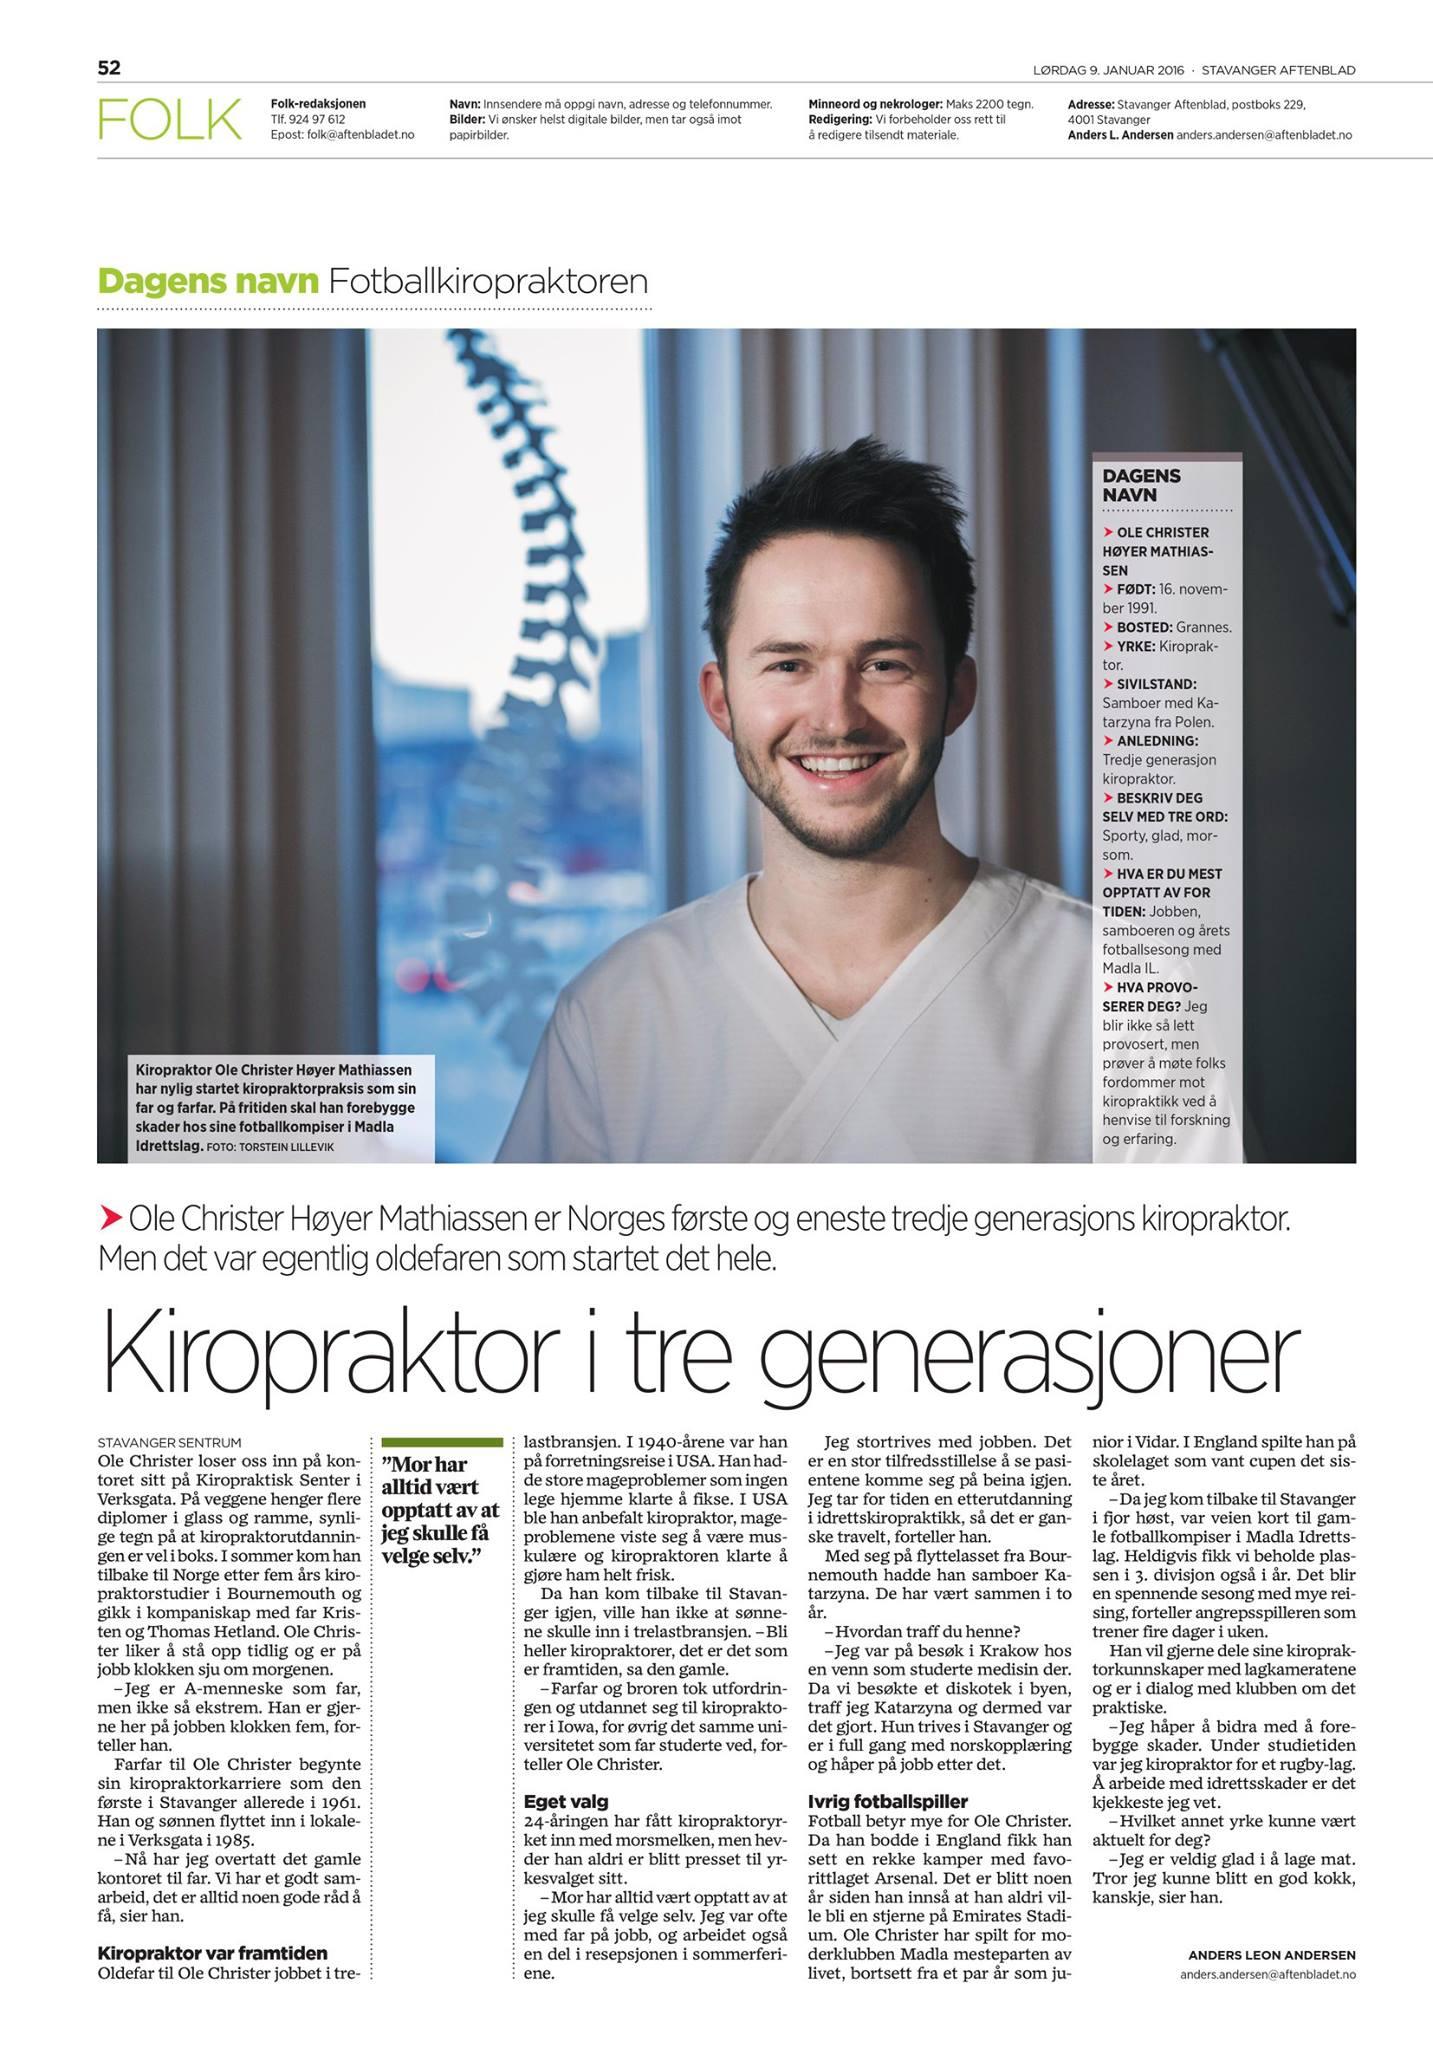 Kiropraktor i tre generasjoner